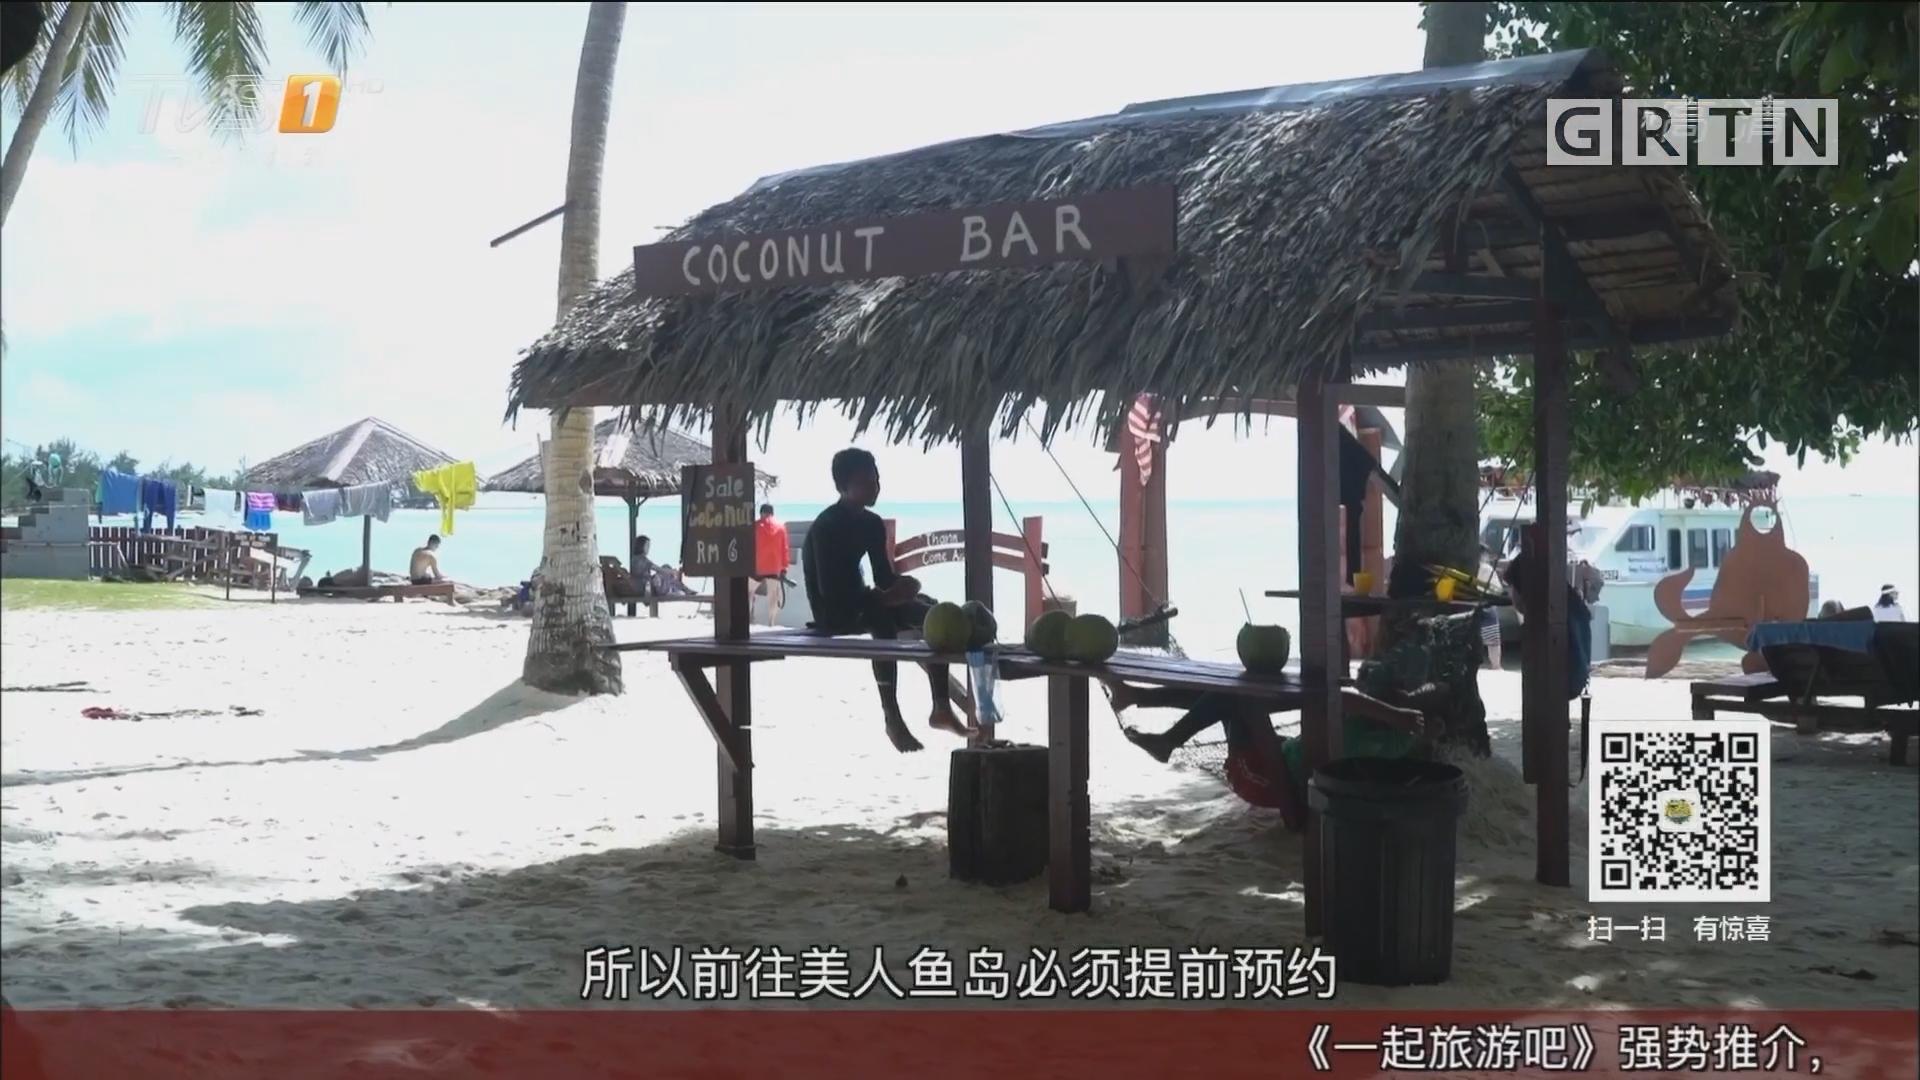 沙巴——美人鱼岛